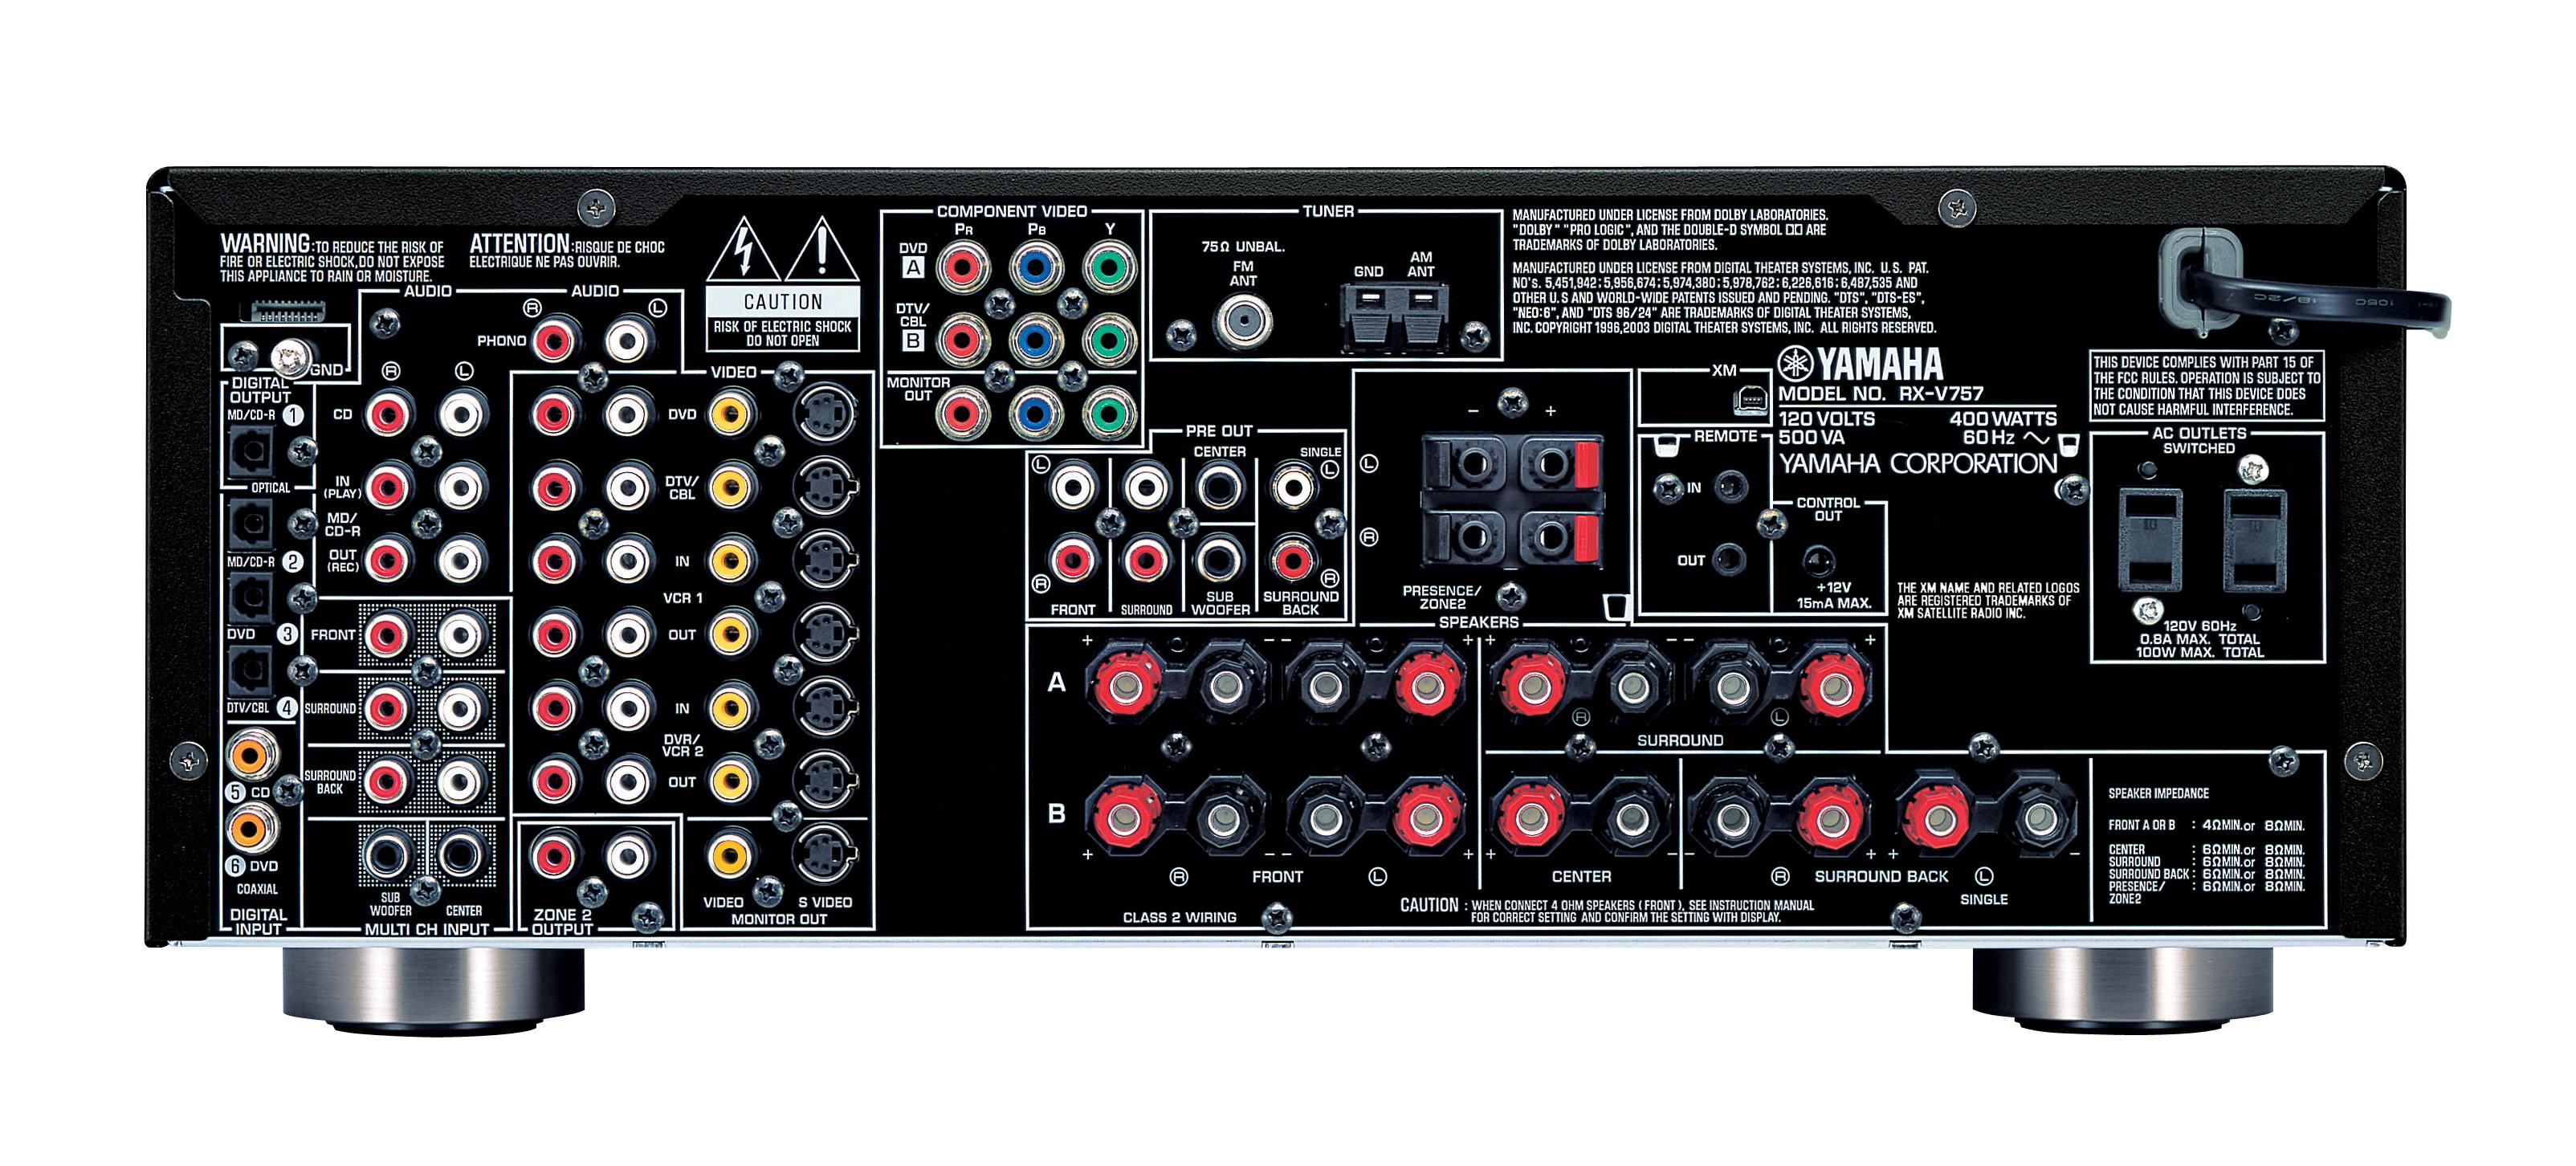 yamaha rx v657 service manual